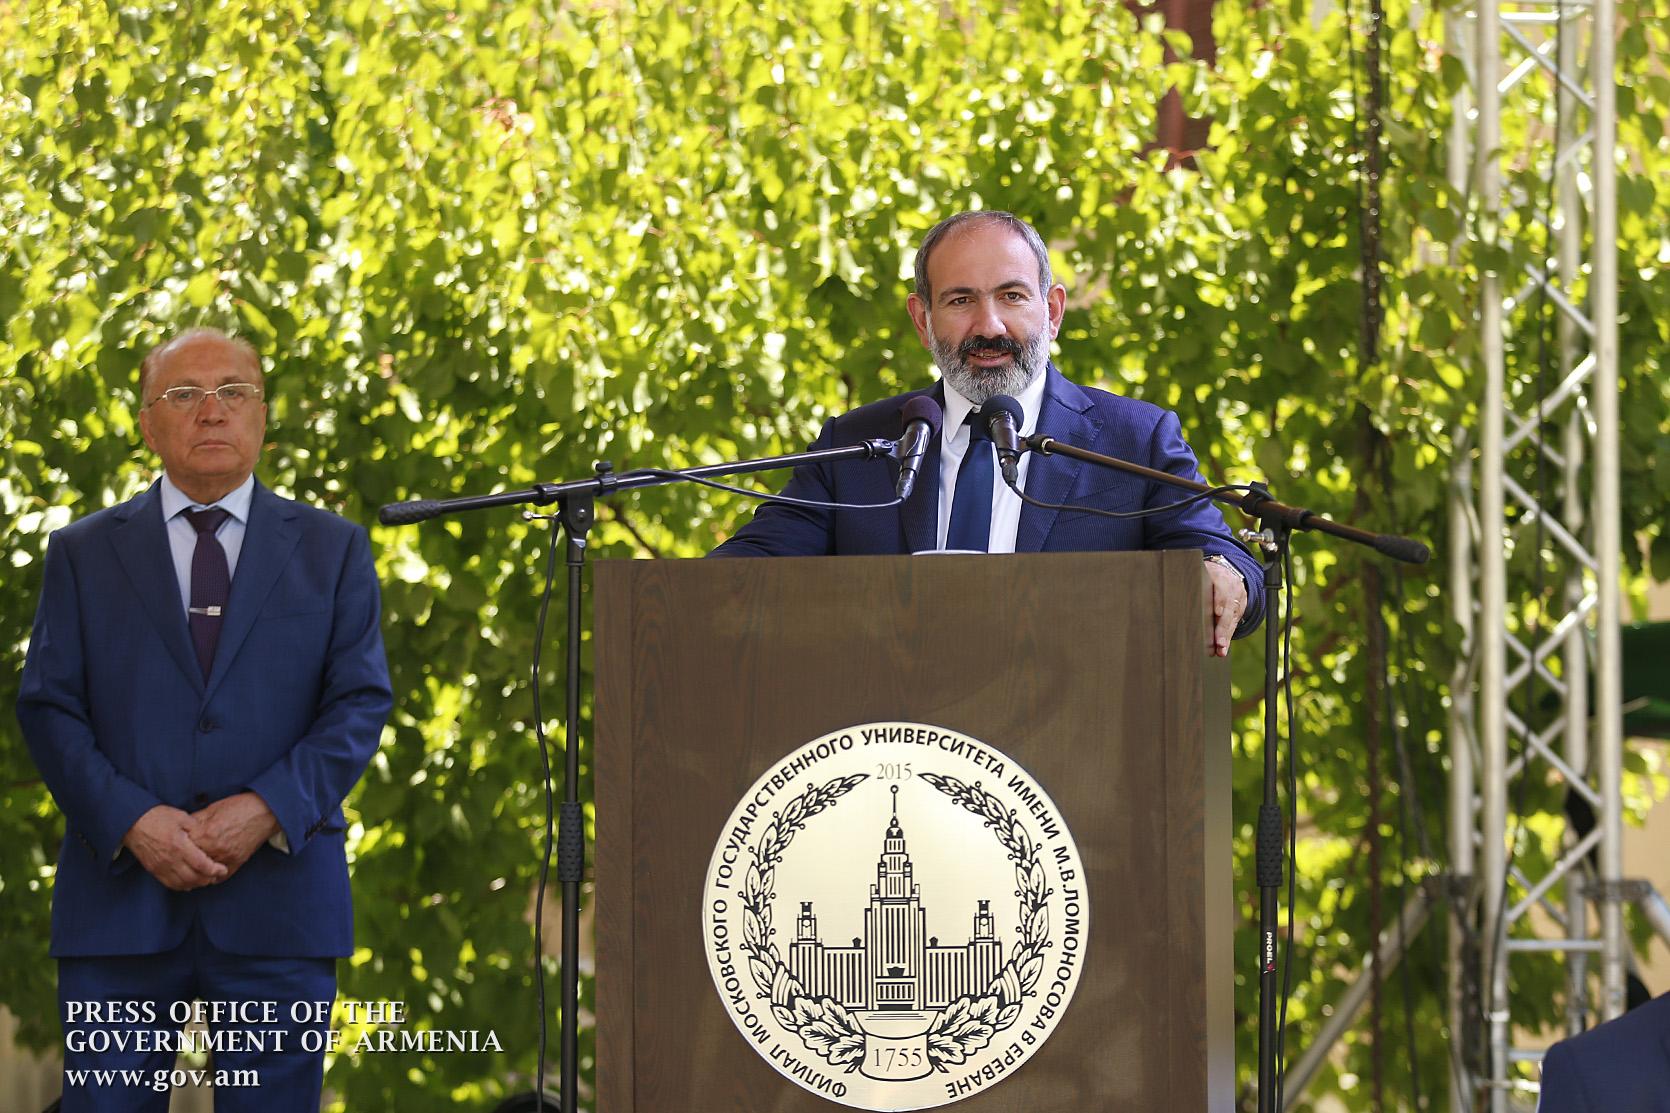 ՀՀ-ում առկա խնդիրների լուծման միակ բանալին գիտելիքն է. Նիկոլ Փաշինյանը ներկա է գտնվել ՄՊՀ-ի երևանյան մասնաճյուղի առաջին շրջանավարտների ավարտական վկայականների հանձնման արարողությանը